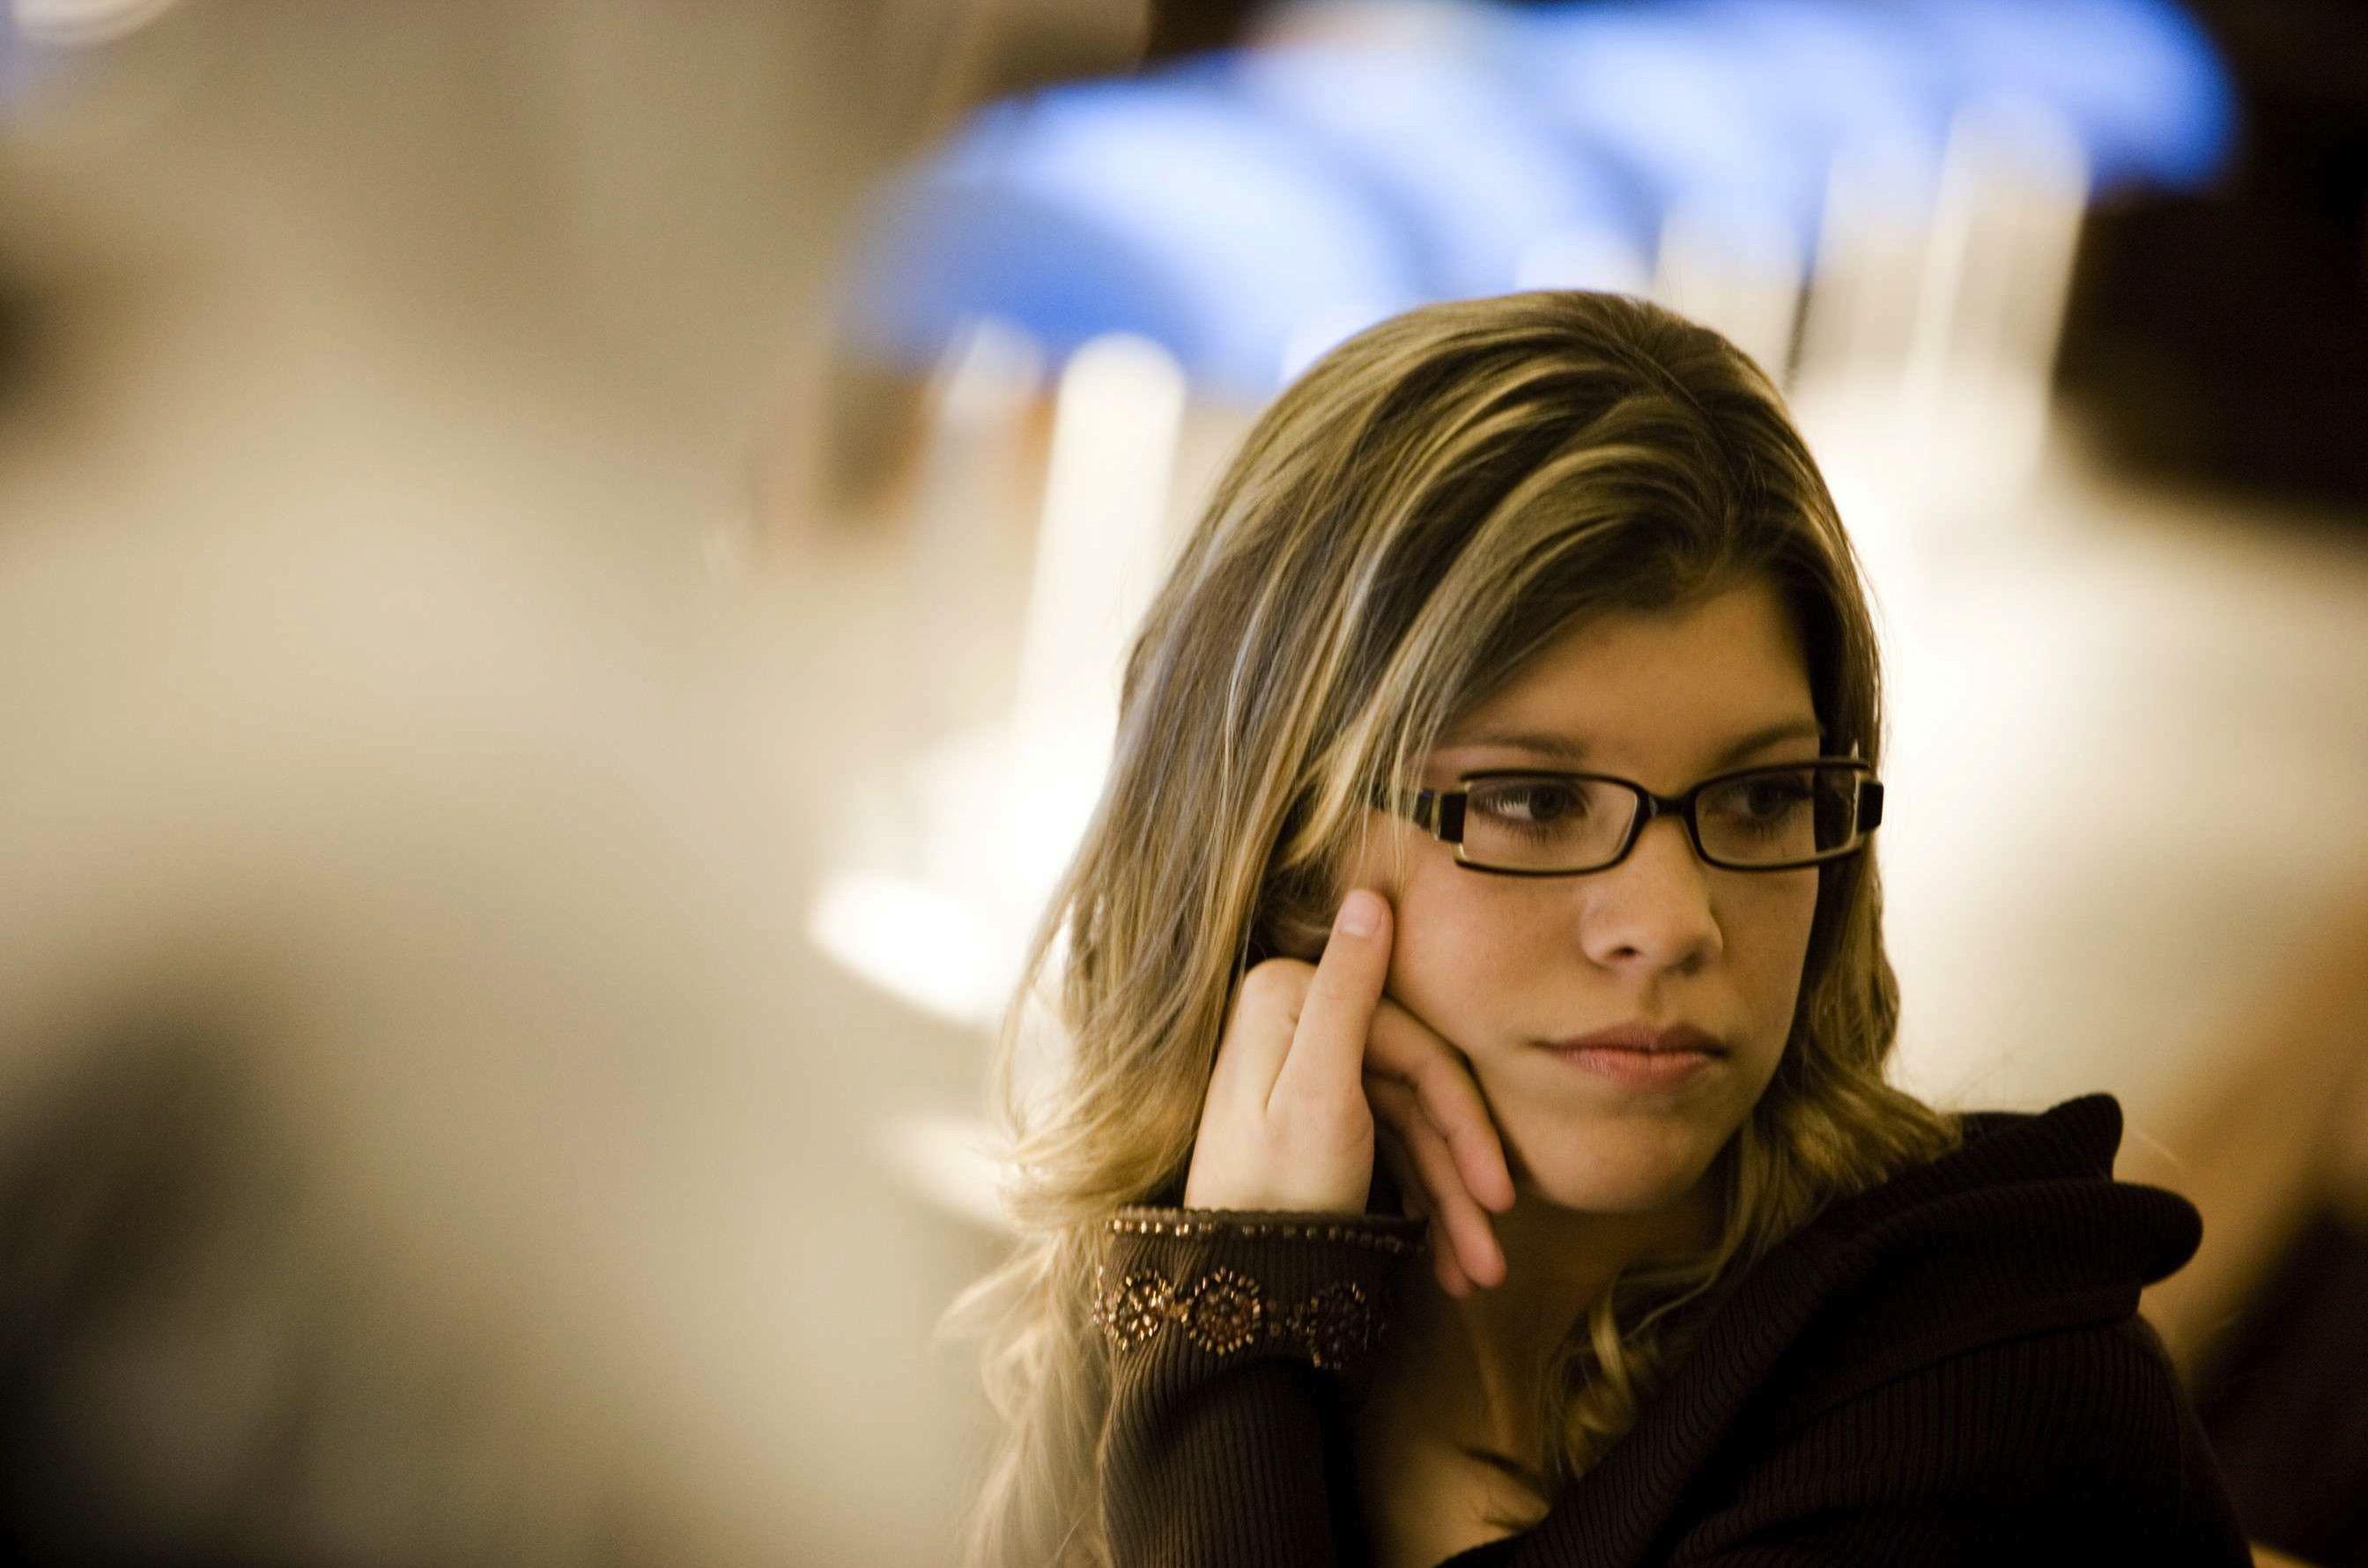 7 fran ais sur dix portent des lunettes de vue fr quence for Portent en francais